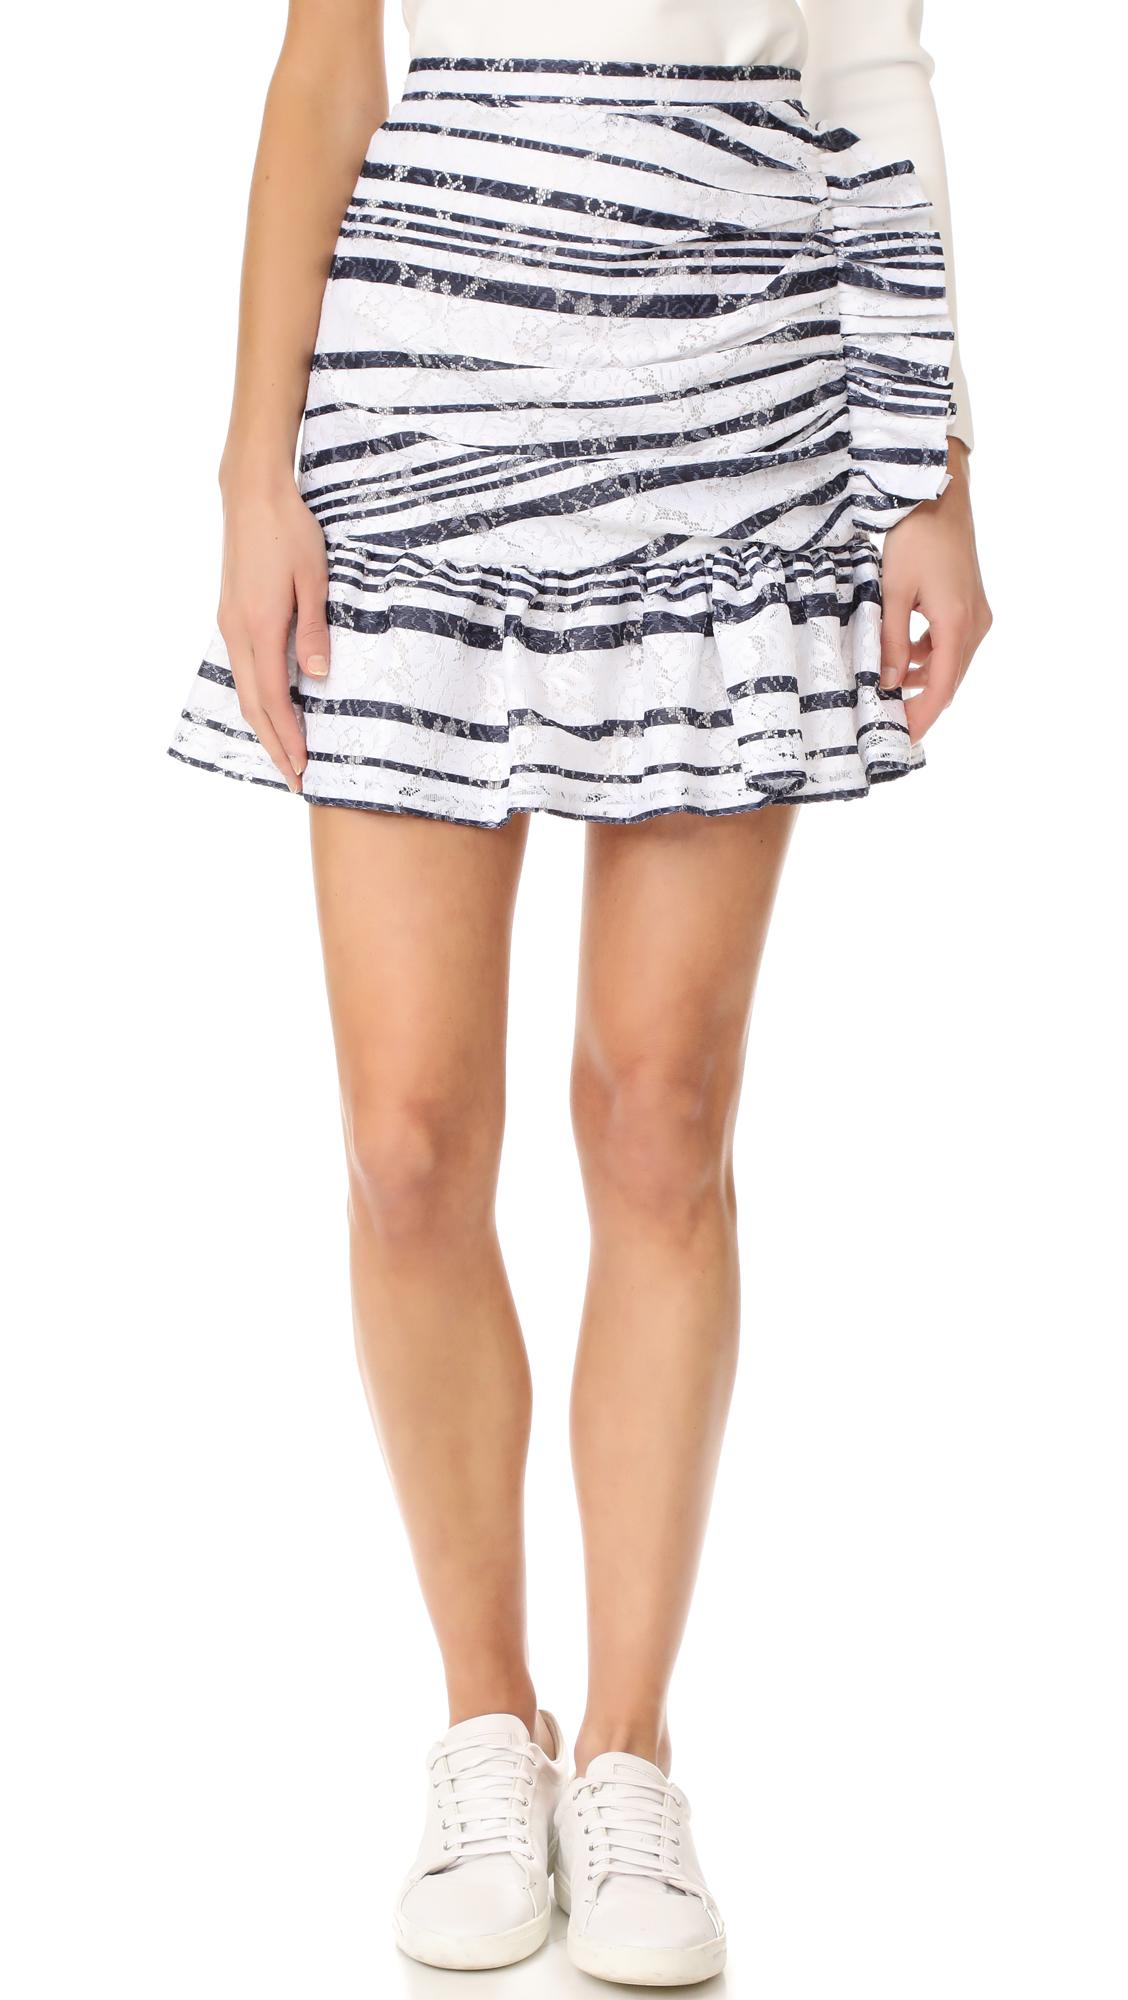 Mother of Pearl Elmira Skirt - White/Navy